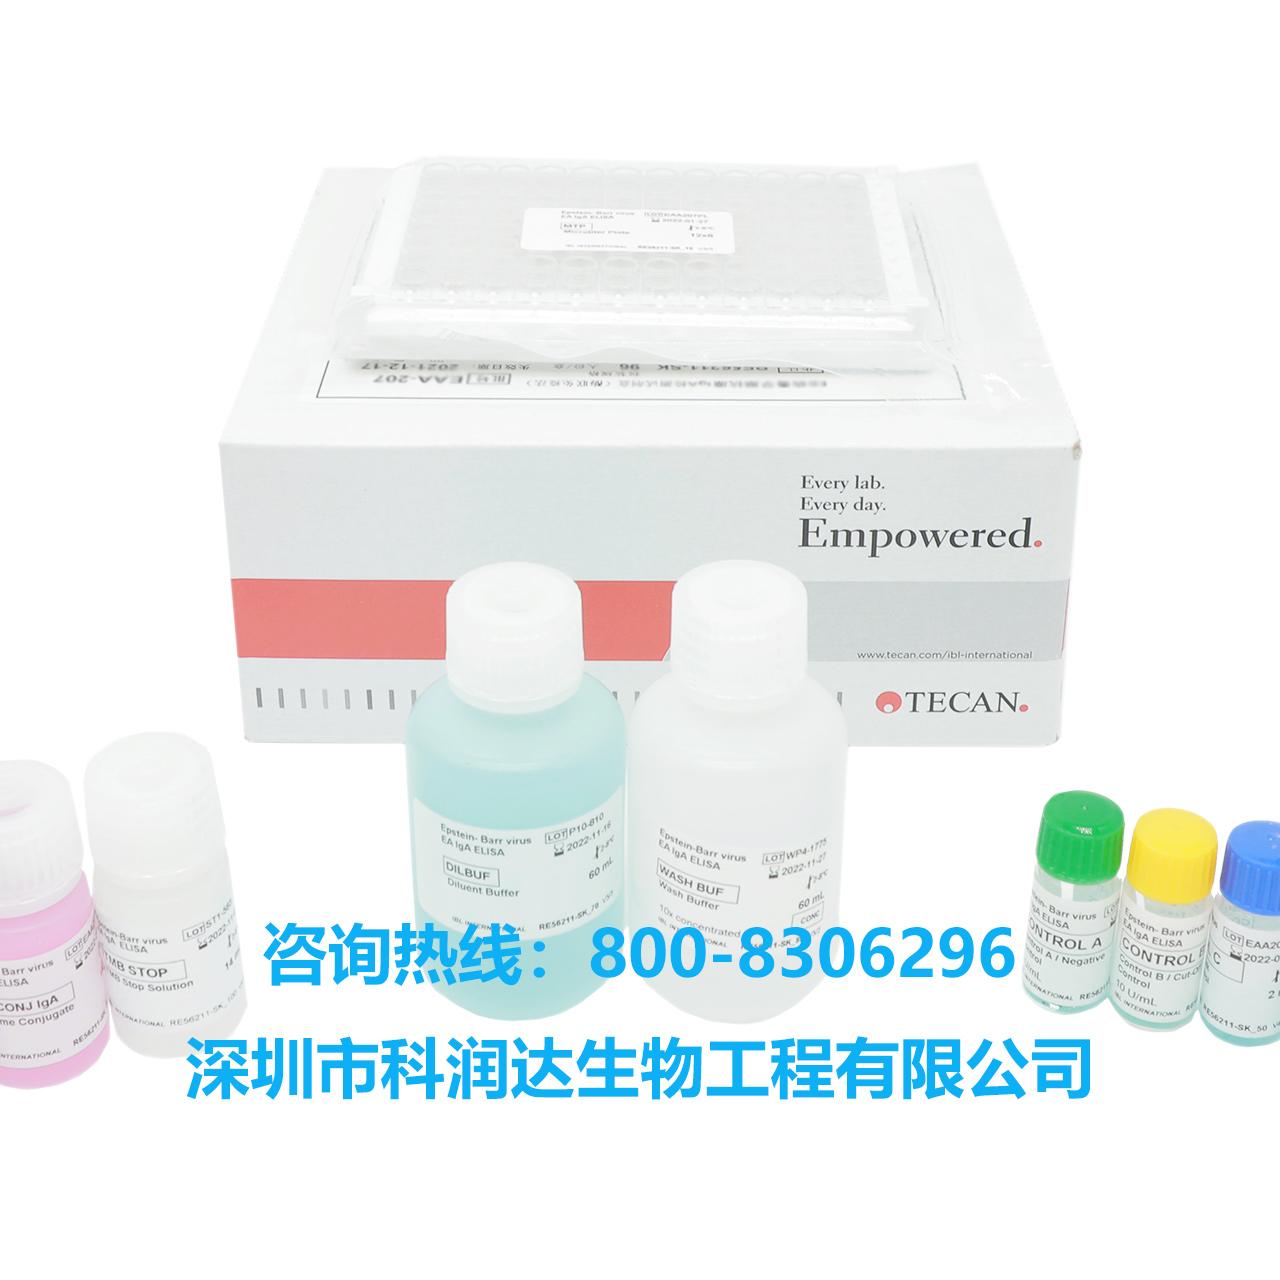 风疹病毒检测试剂盒